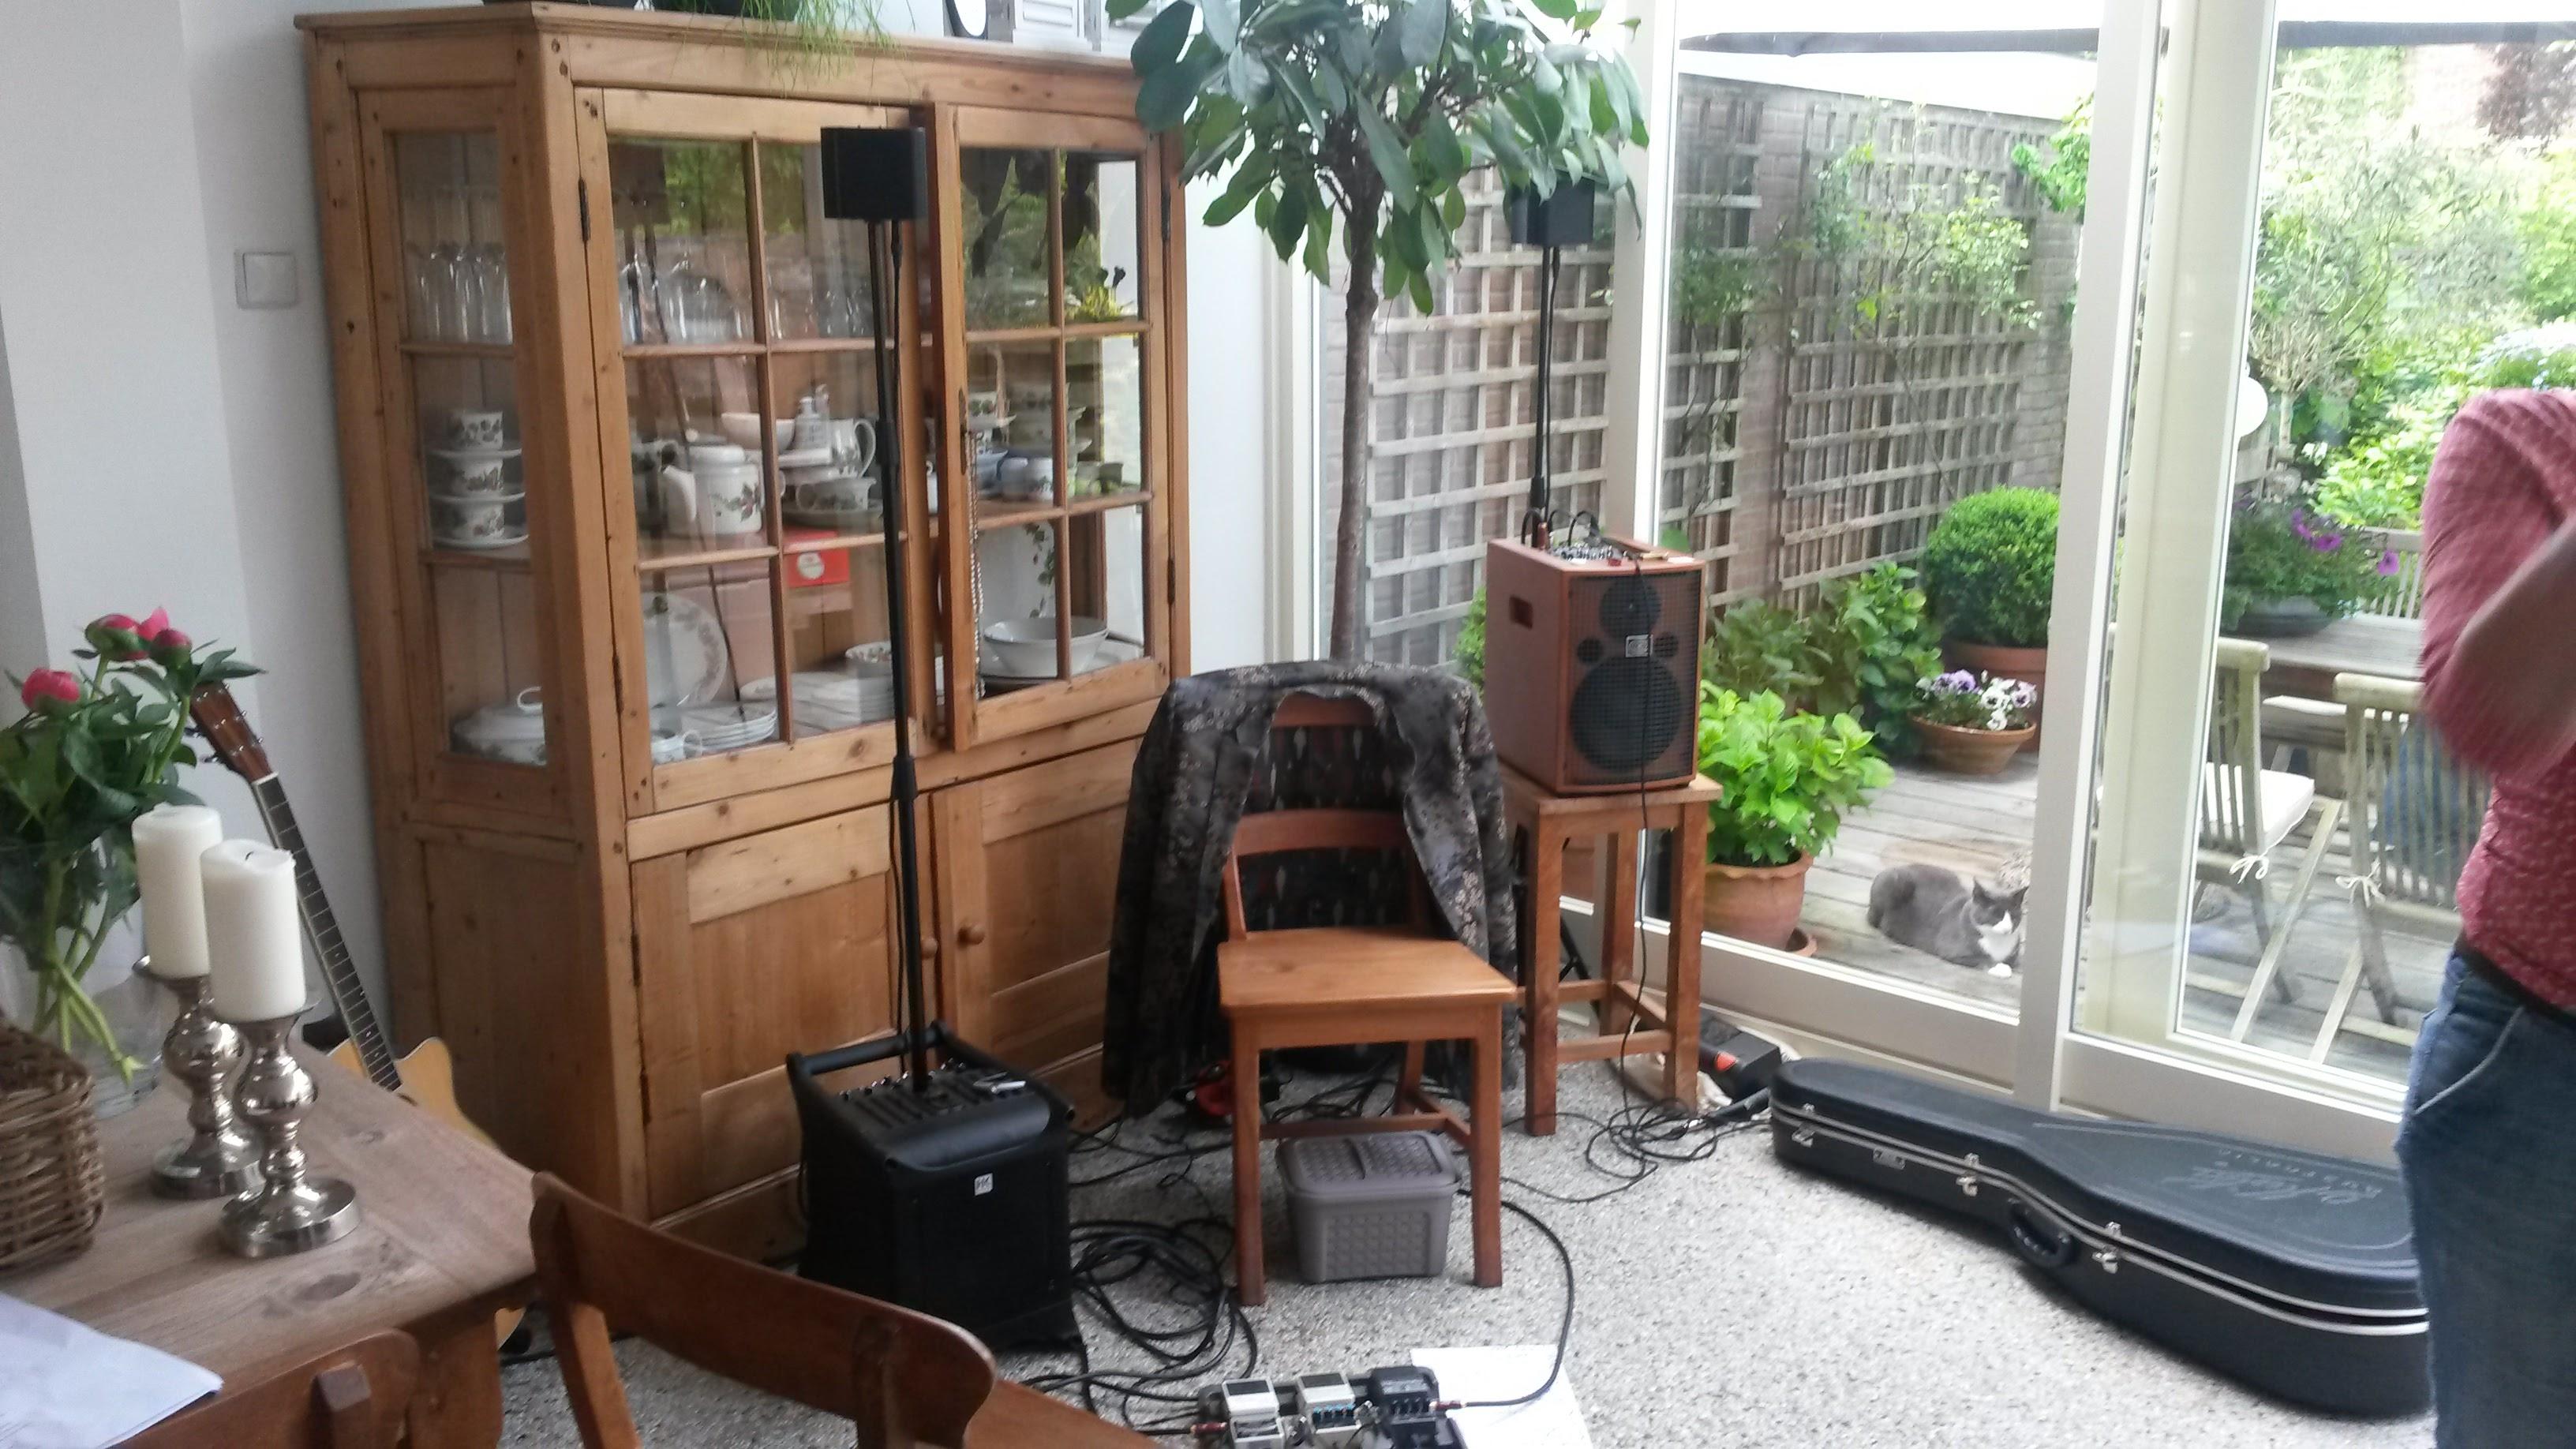 huiskamerconcert-fam-van-wort